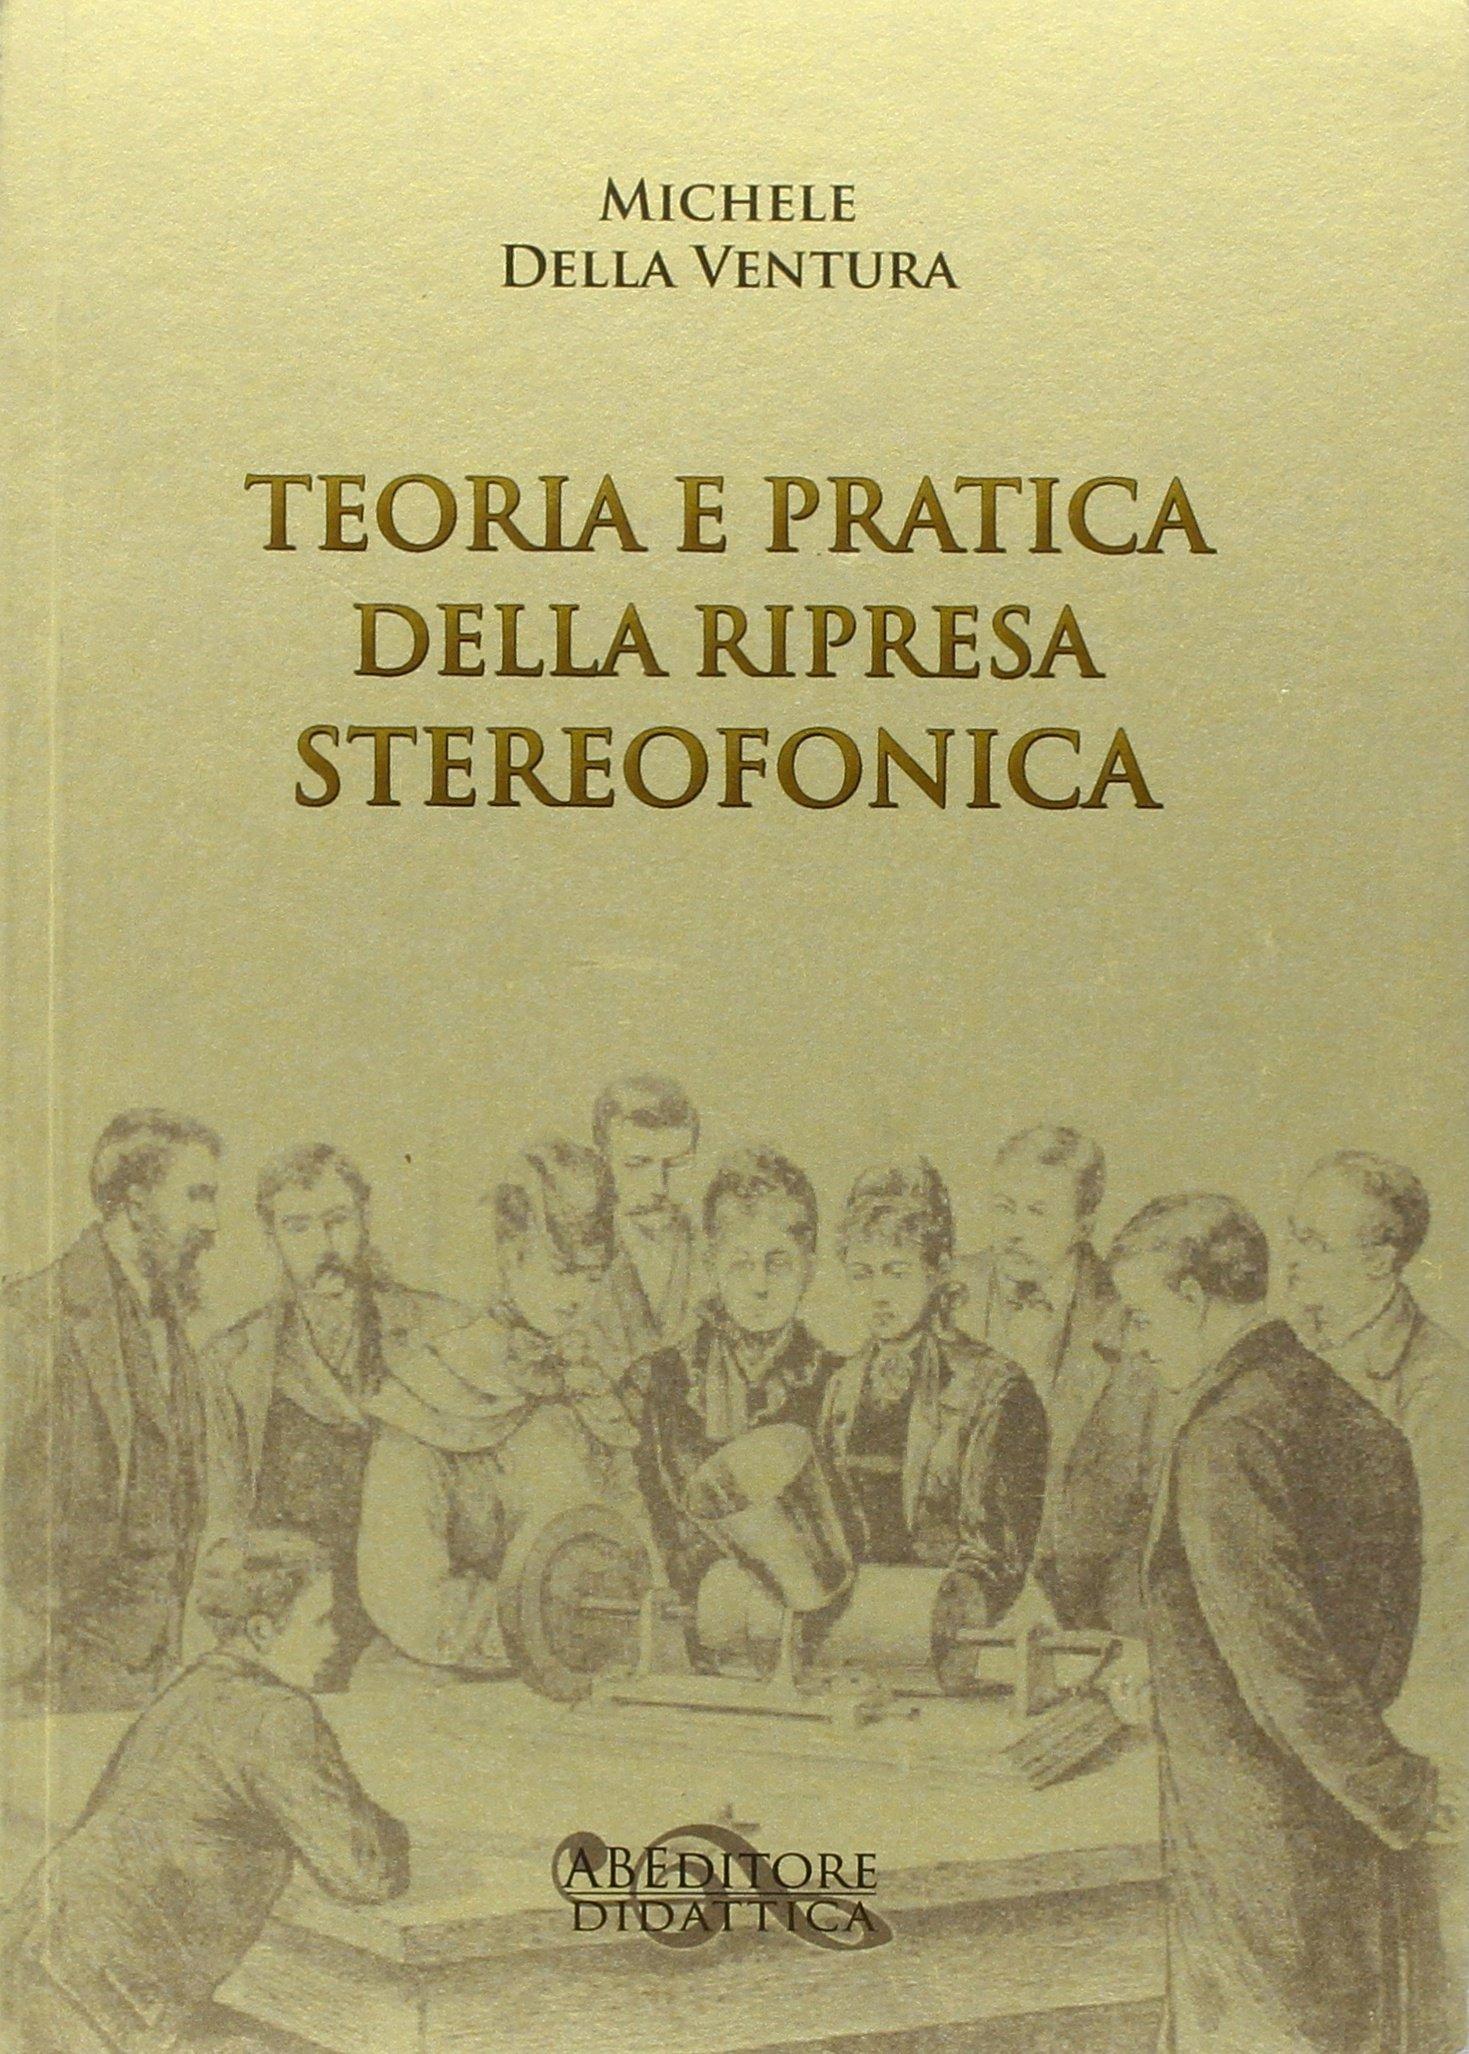 Teoria e pratica della ripresa stereofonica.